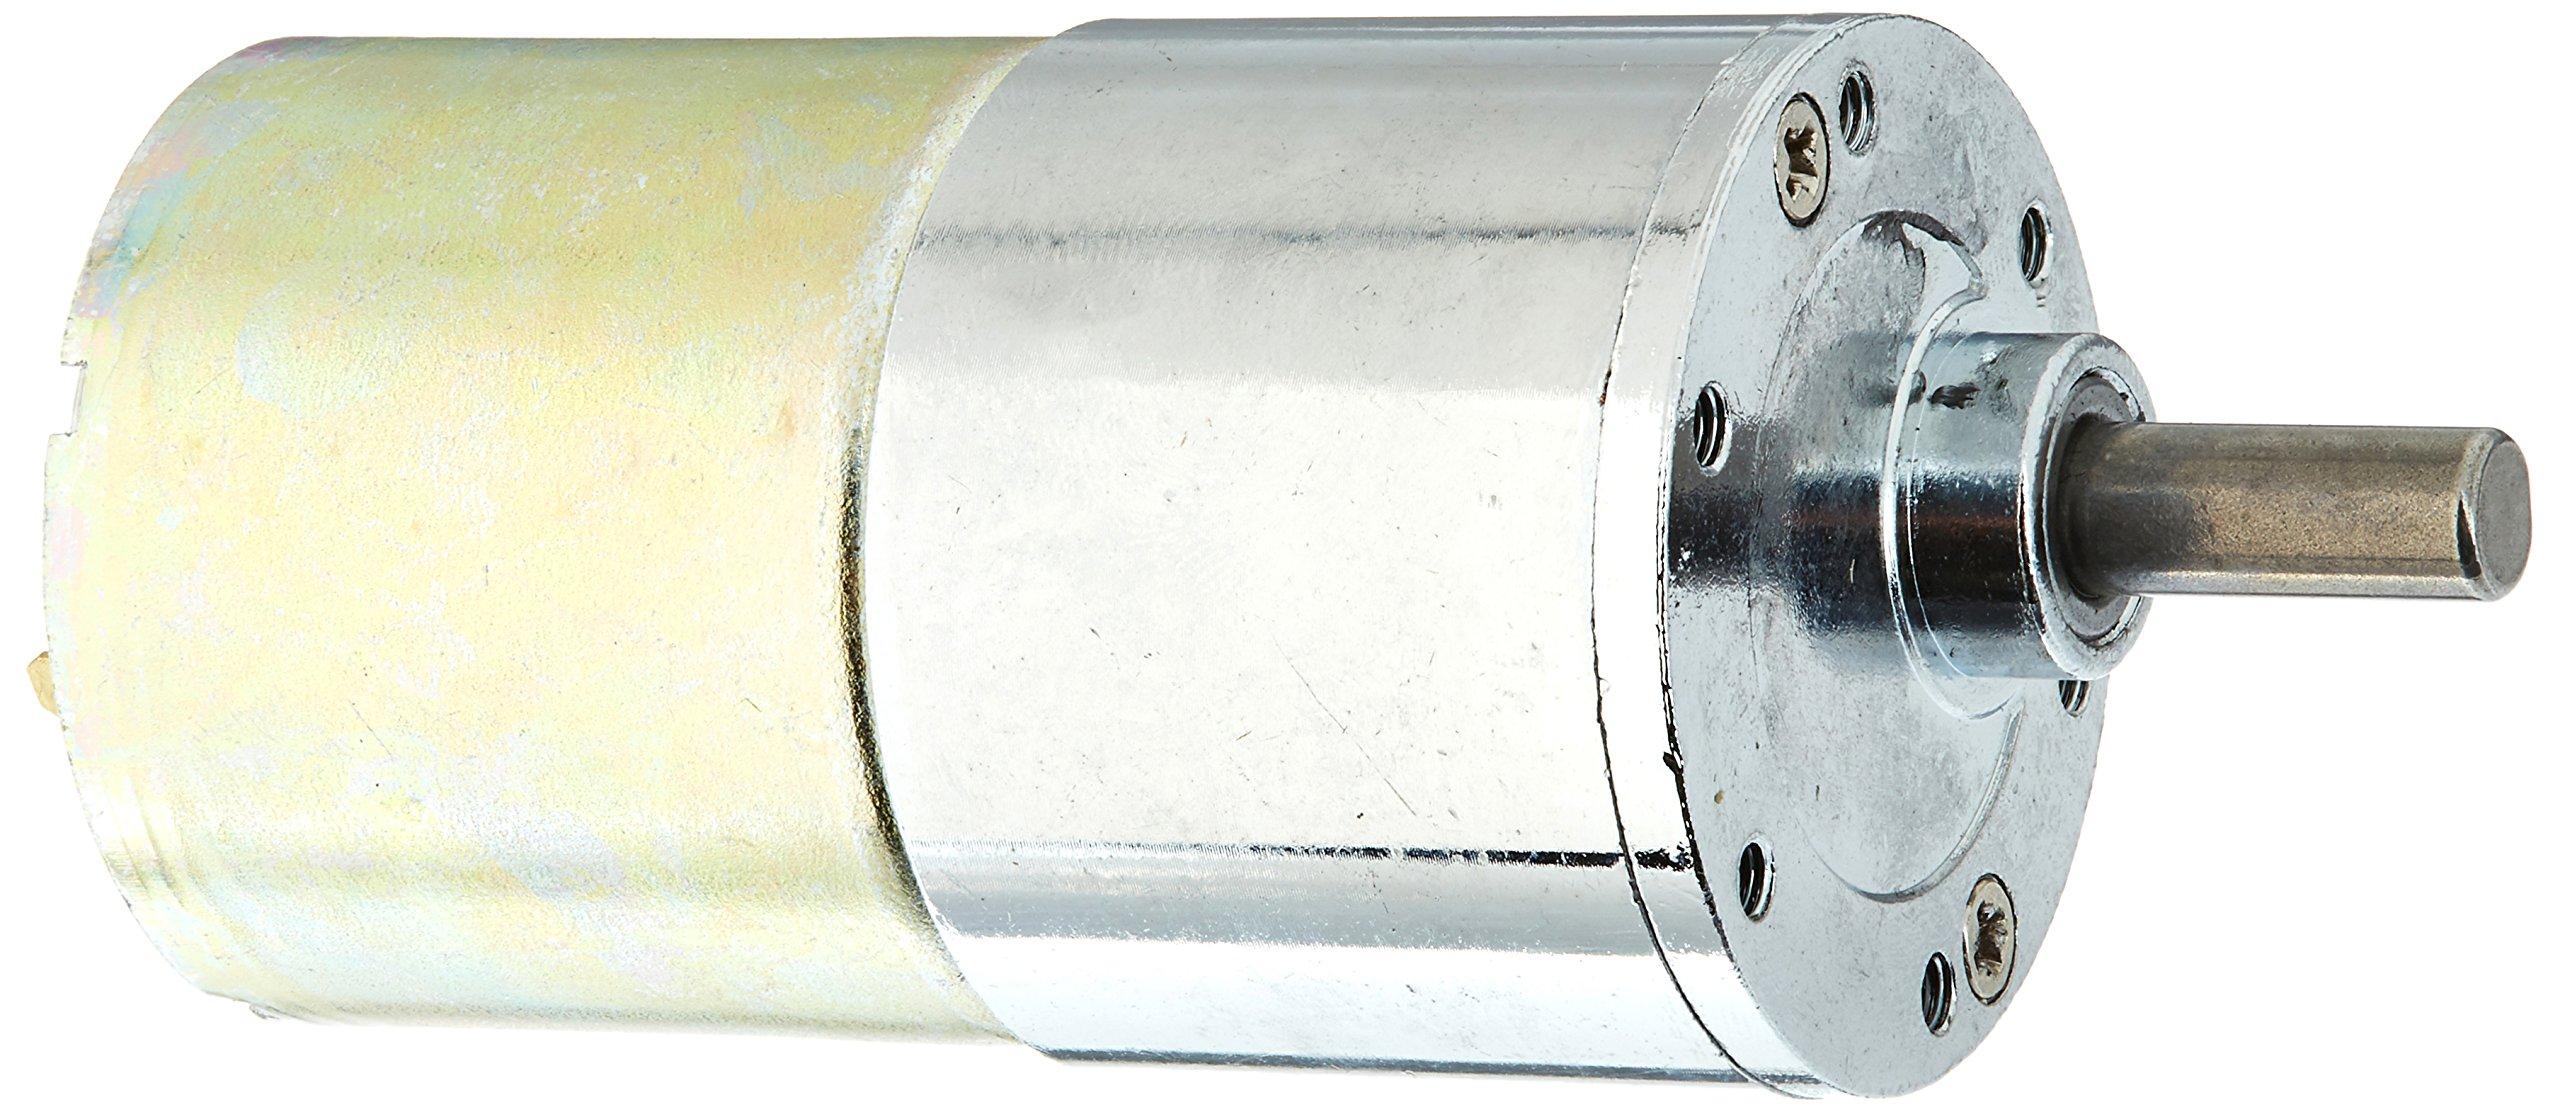 DFGB37RG-136i Cylinder Shape DC 24V Speed 20 RPM Geared Motor